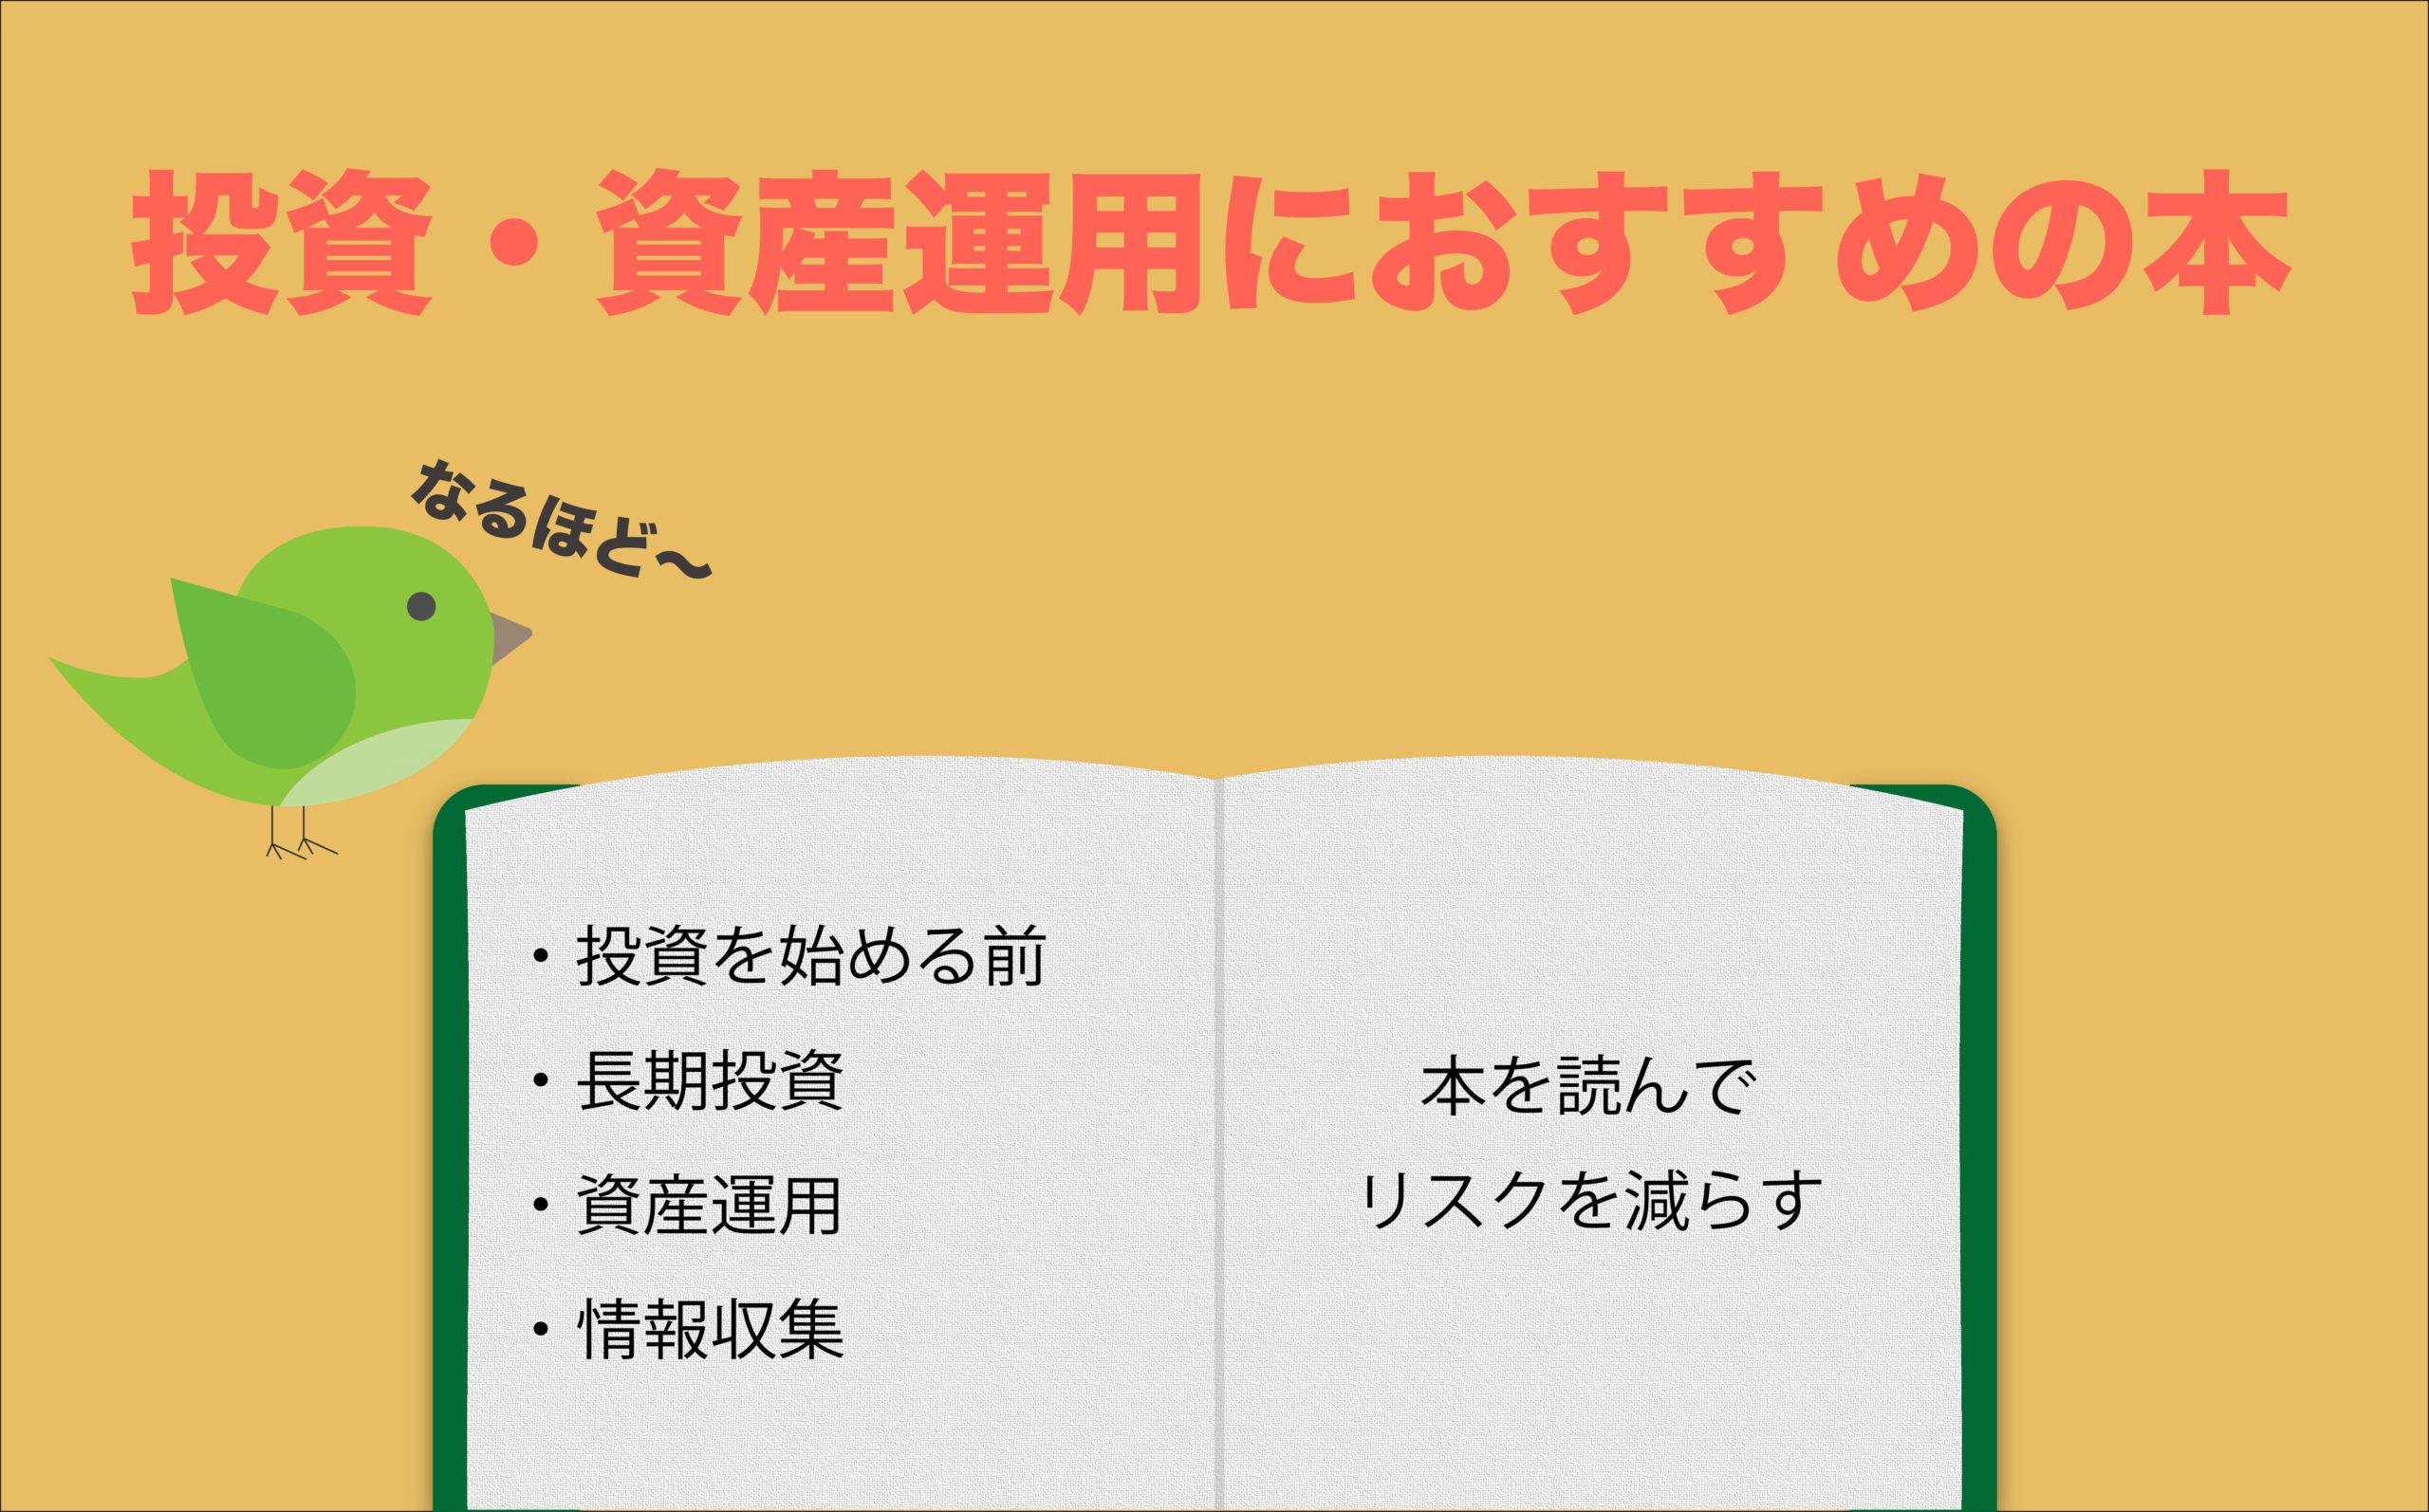 投資初心者におすすめの本は?資産運用に本当に役立つ書籍10選